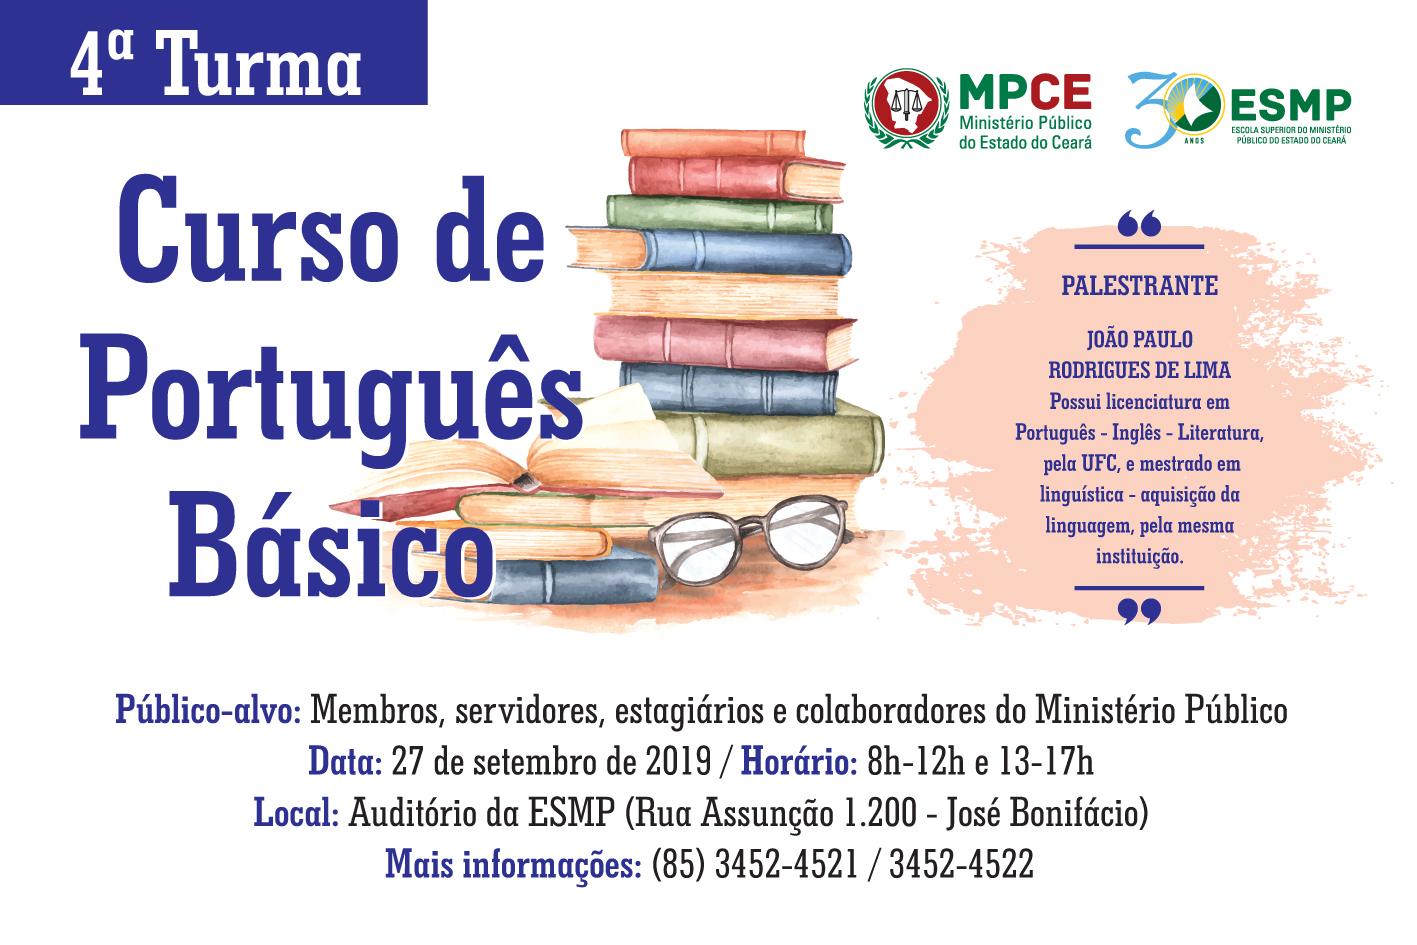 Curso de Português Básico - Turma IV